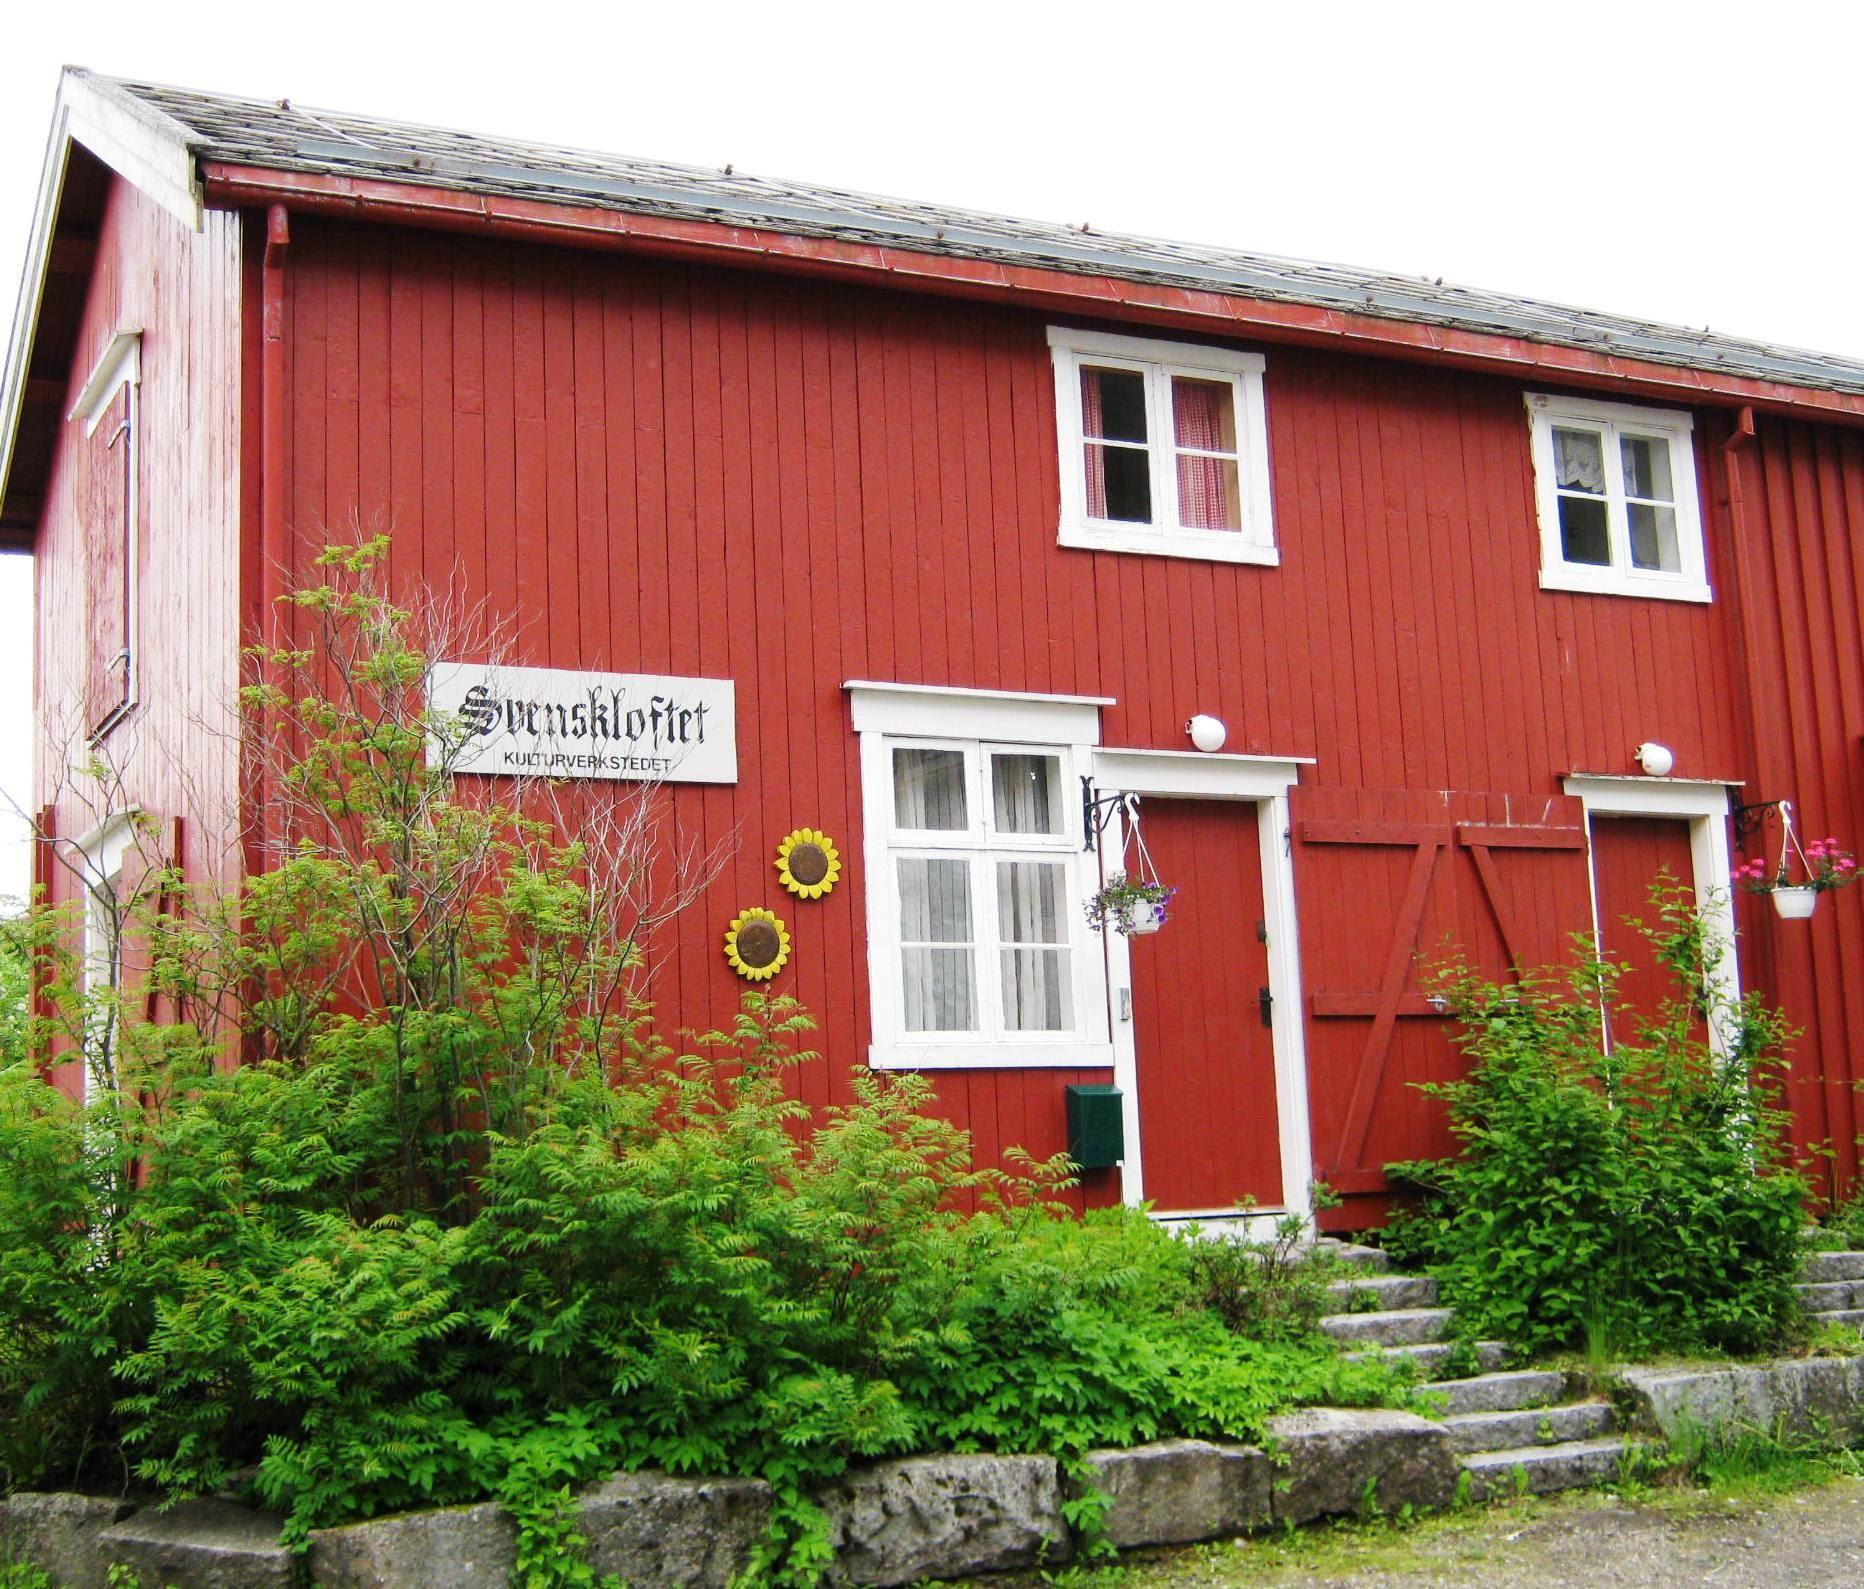 Svenskloftet